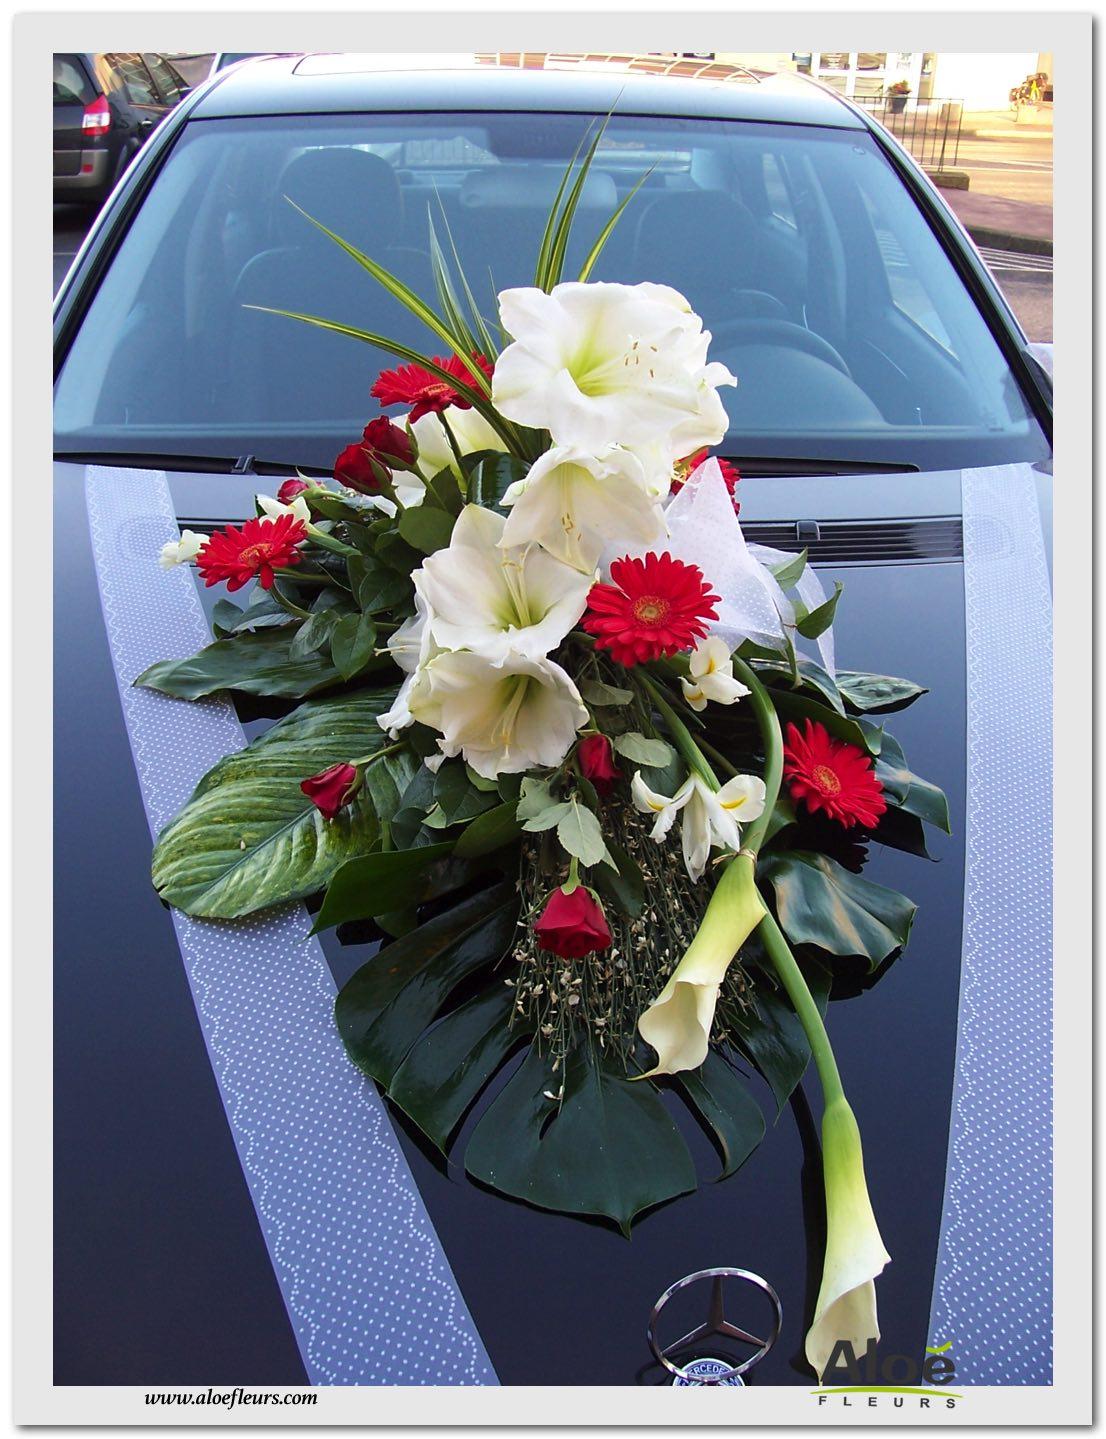 Decoration Florale Mariage Voiture : Decoration fleurs voiture mariage